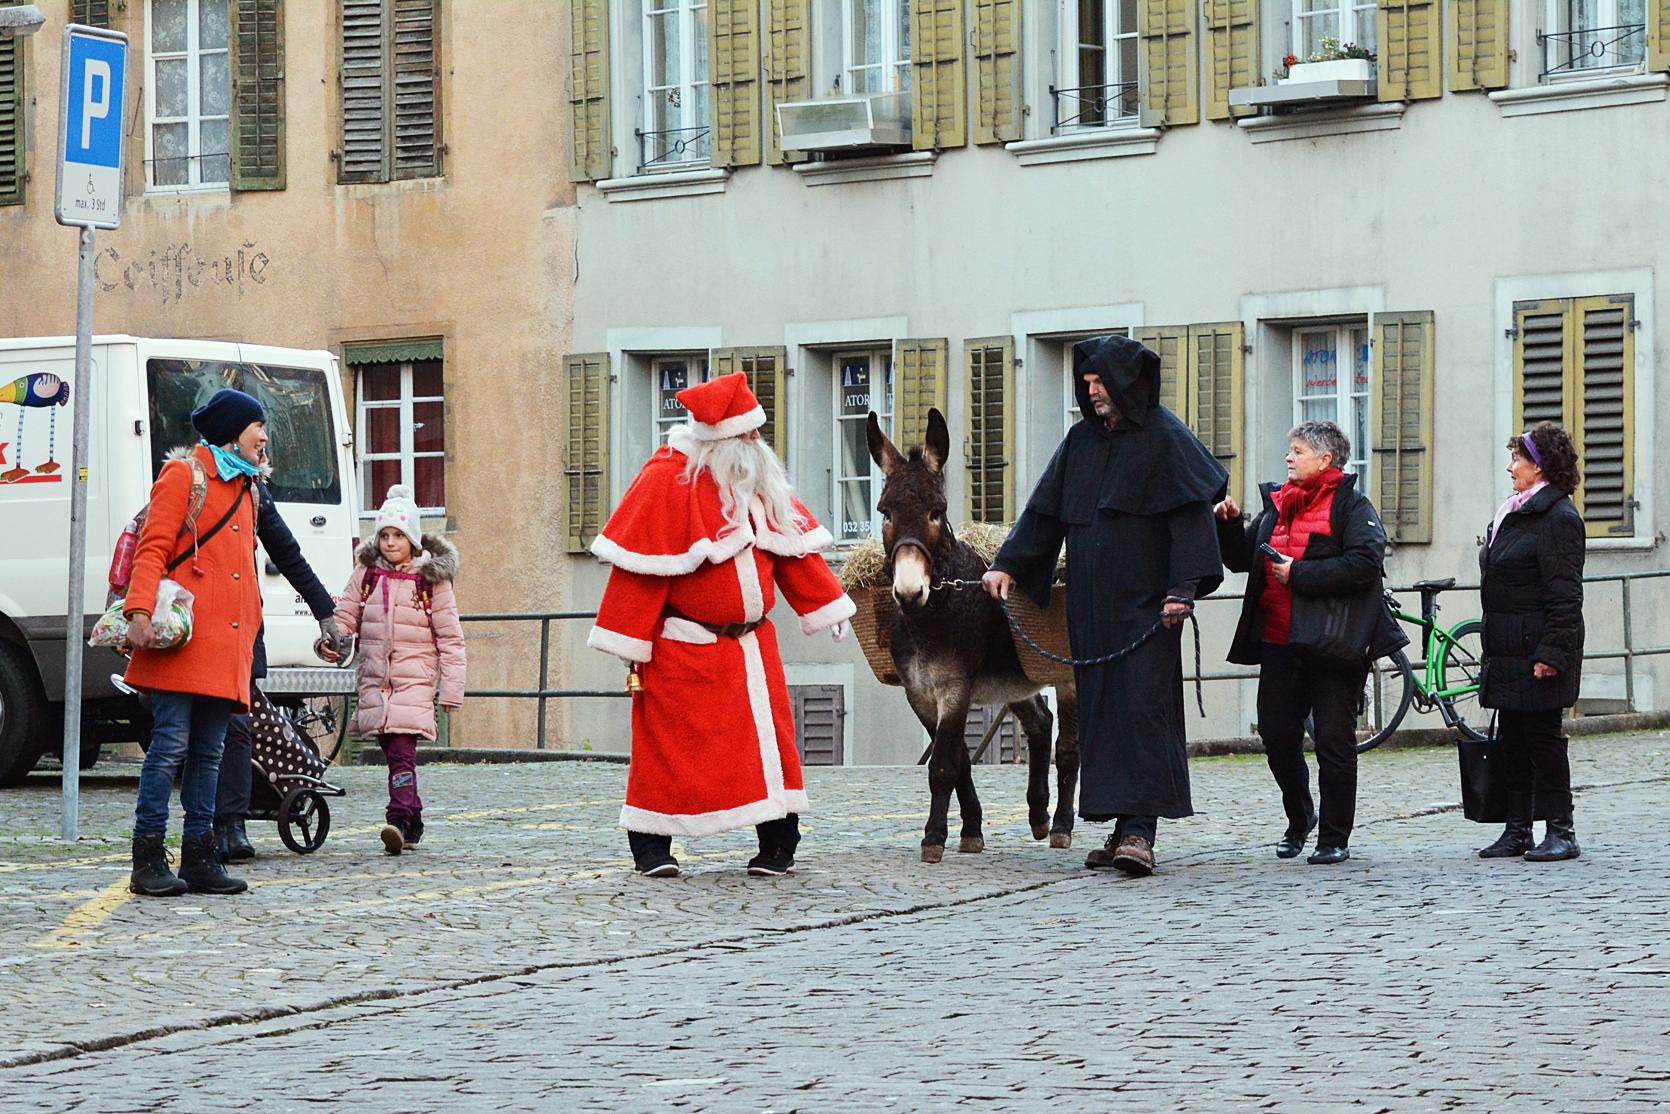 Der Esel wünscht sich einen Gassenbummel durch die Bieler Altstadt